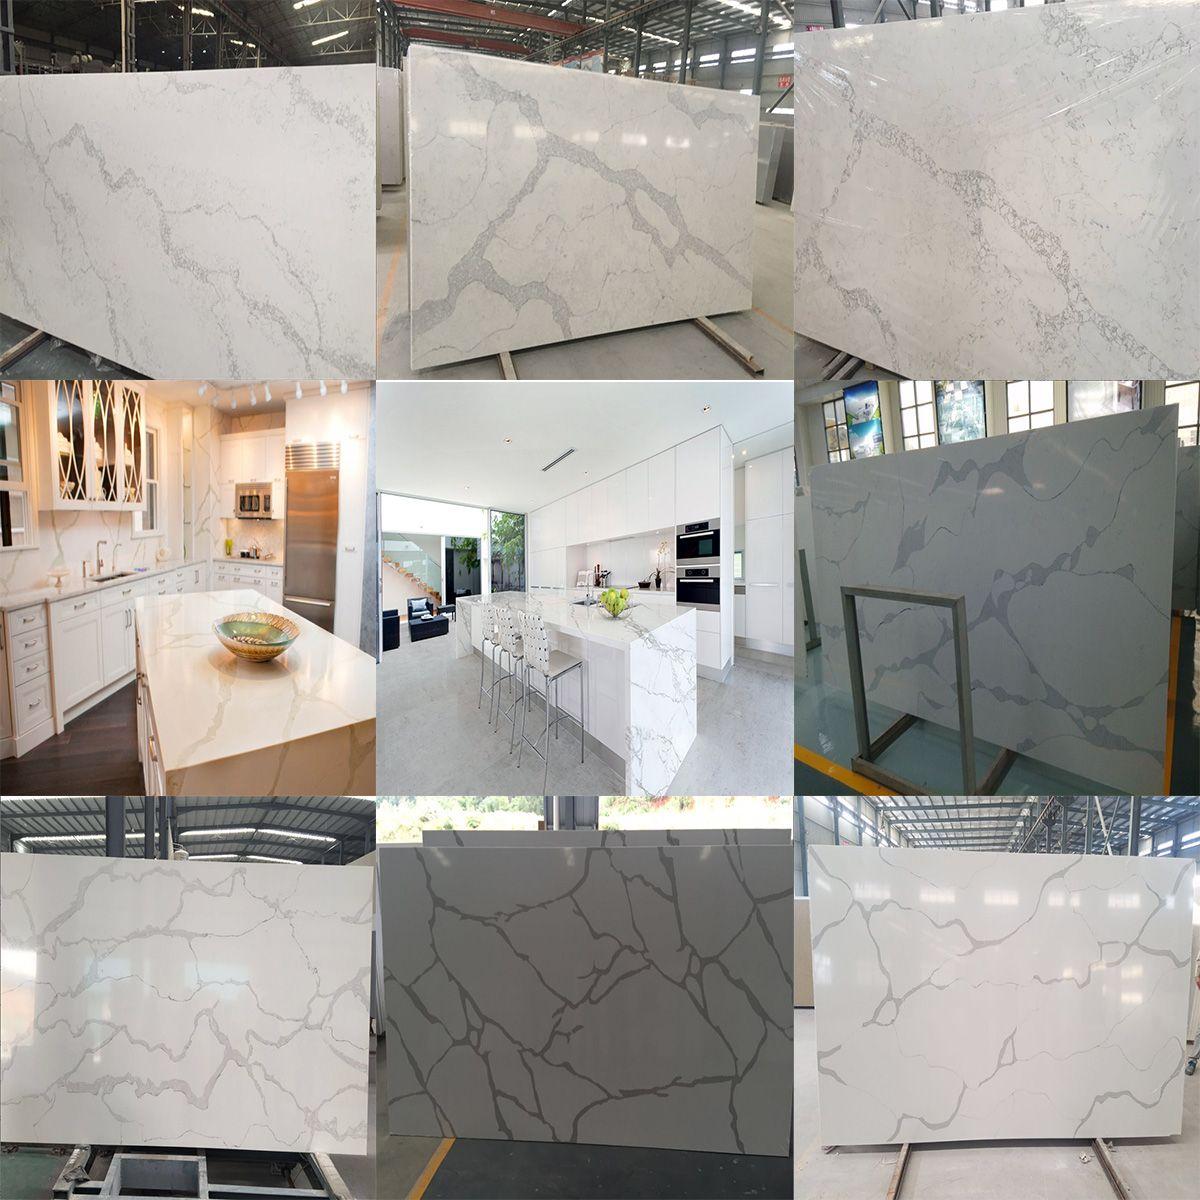 calacatta white quartz, the most beautiful marble looking quartz